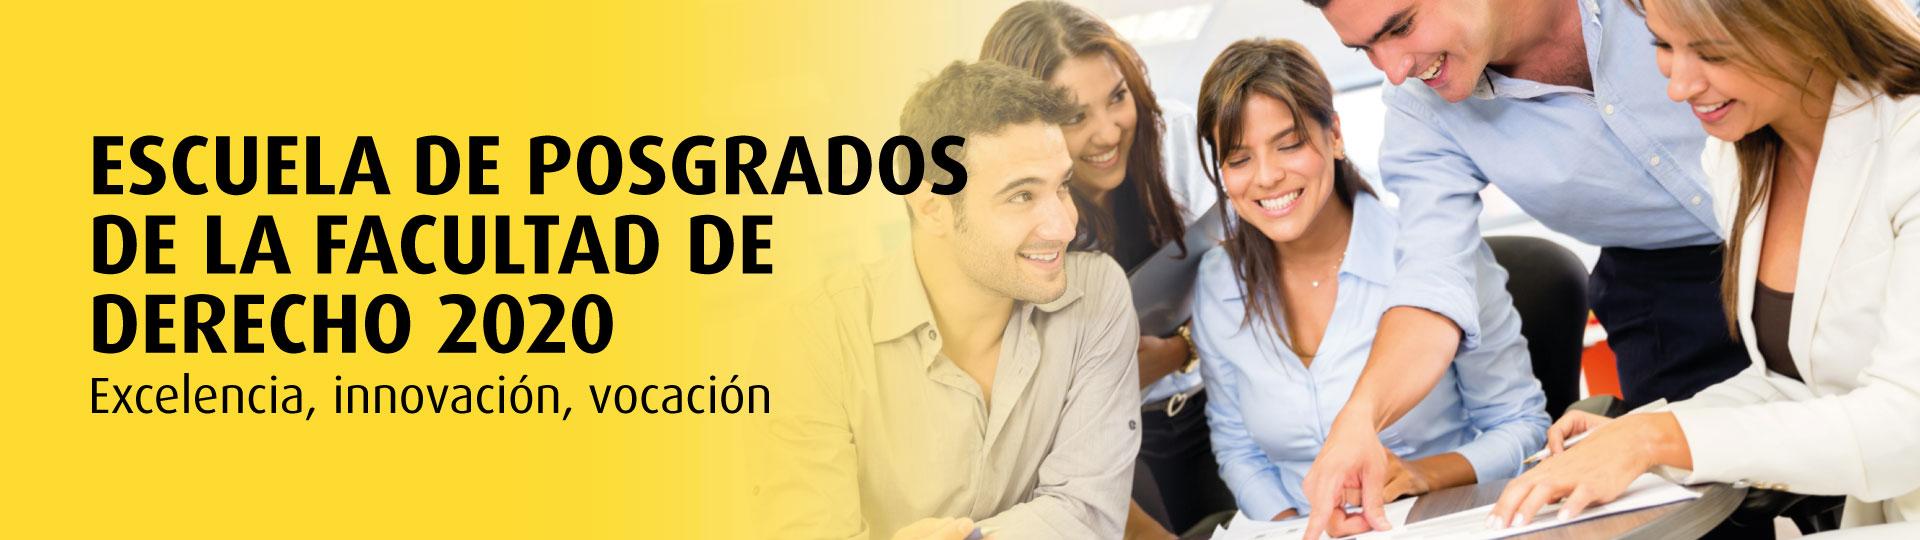 Escuela de Posgrados de la Facultad de Derecho. Banner en color amarillo y negro. Solo letras (banner home)